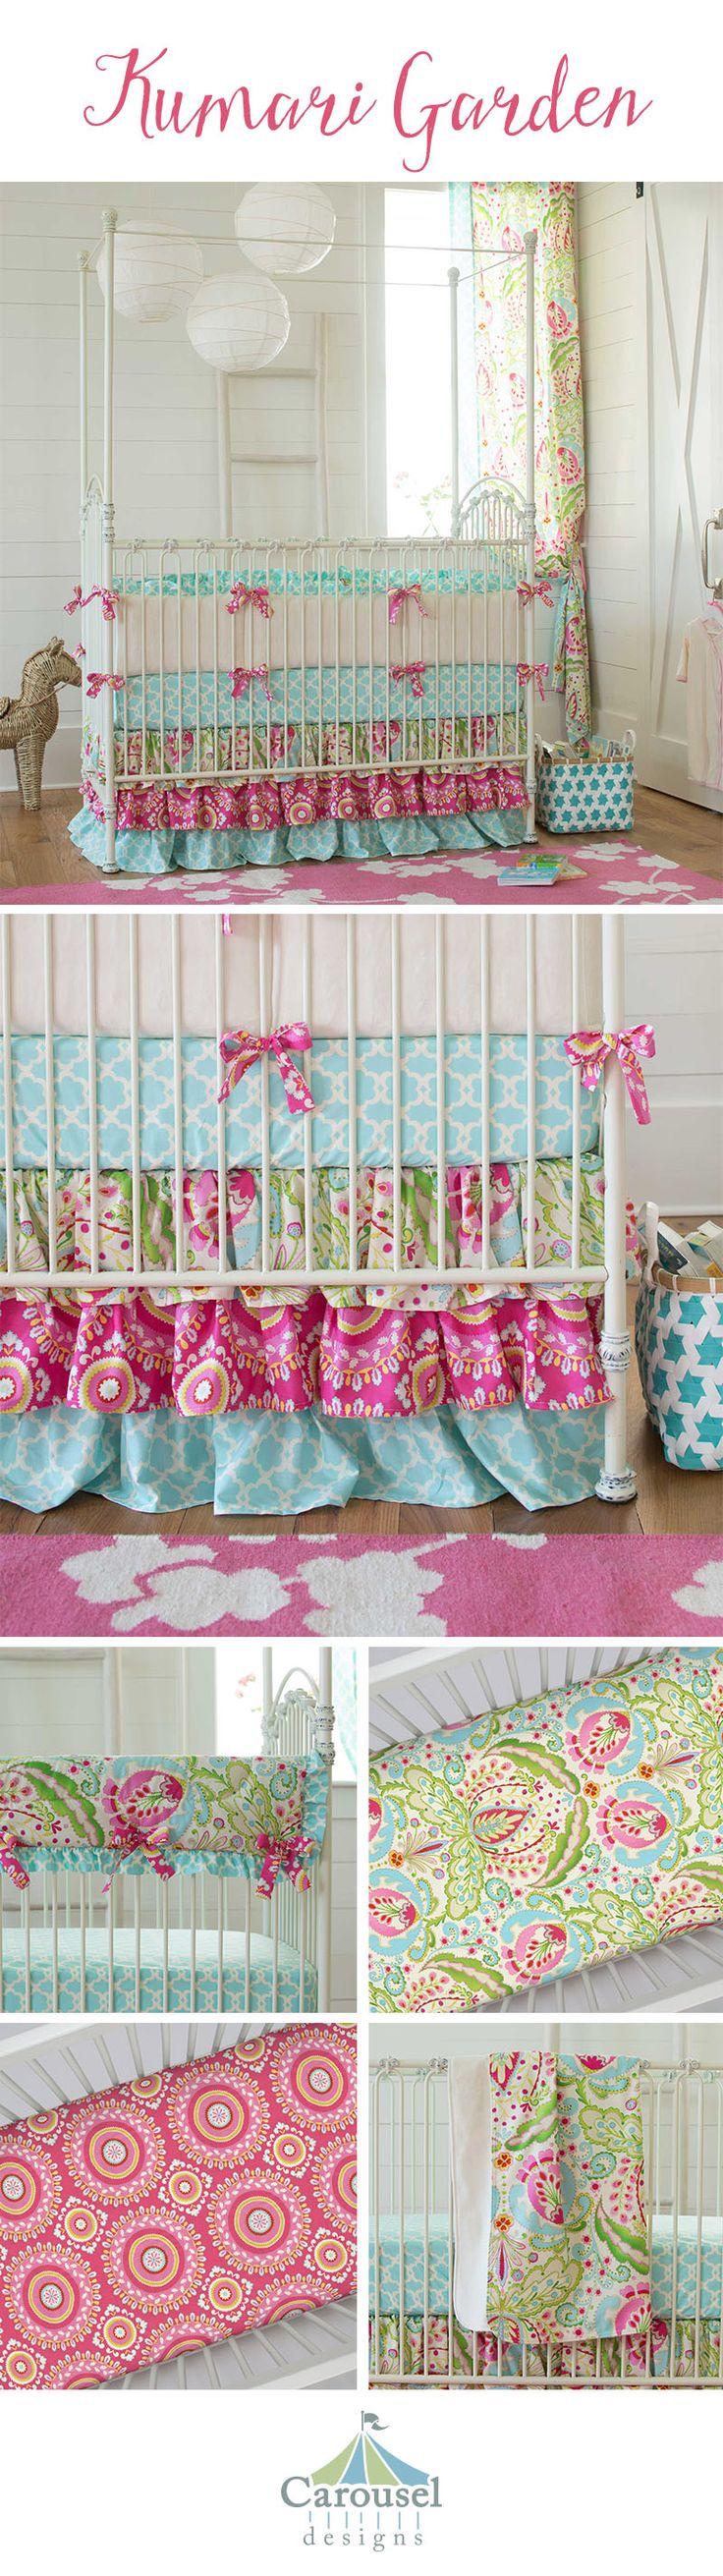 Crib for babies india - Kumari Garden Baby Crib Bedding